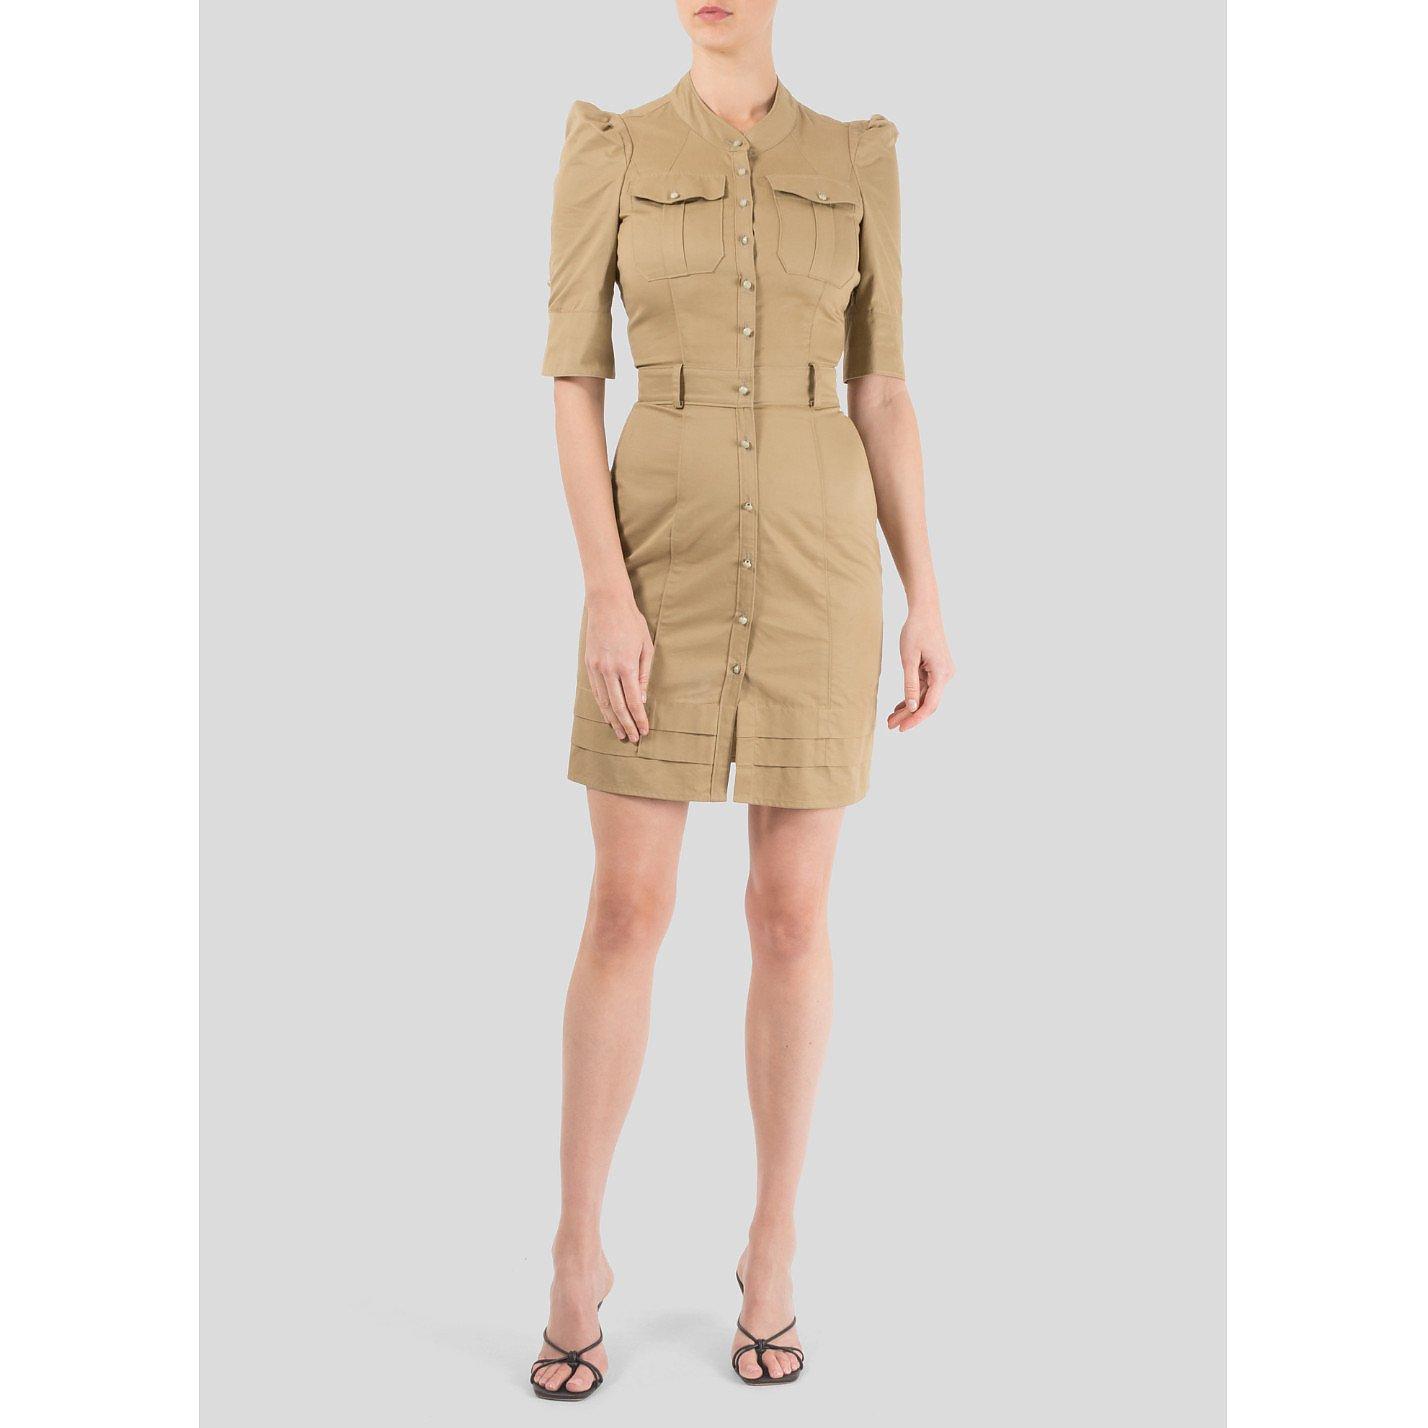 Balenciaga Button Up Cotton Mini Dress